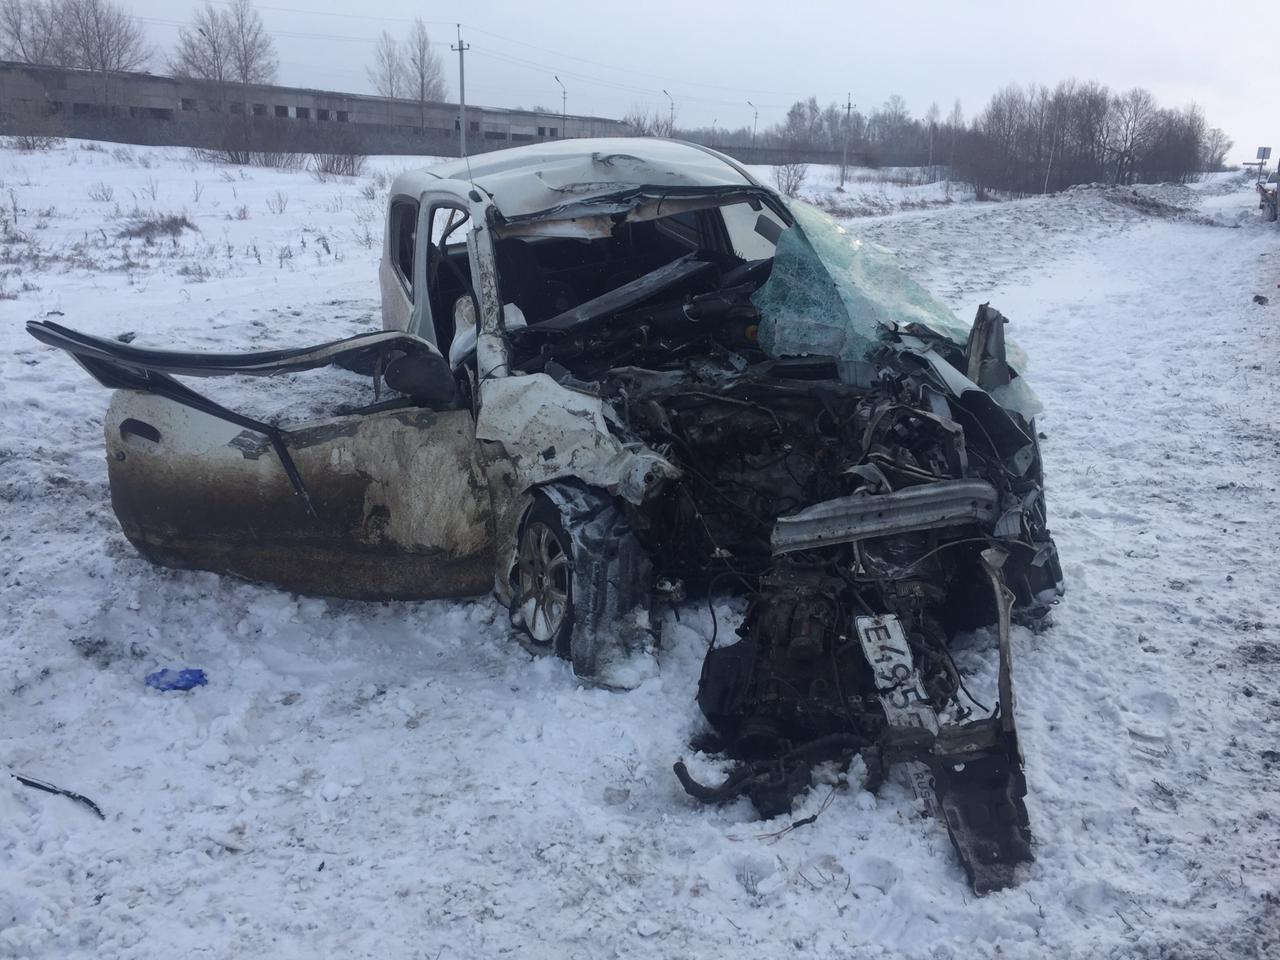 Фото Вырвало двигатель, бампер и стёкла: стали известны подробности смертельной автокатастрофы под Новосибирском 2